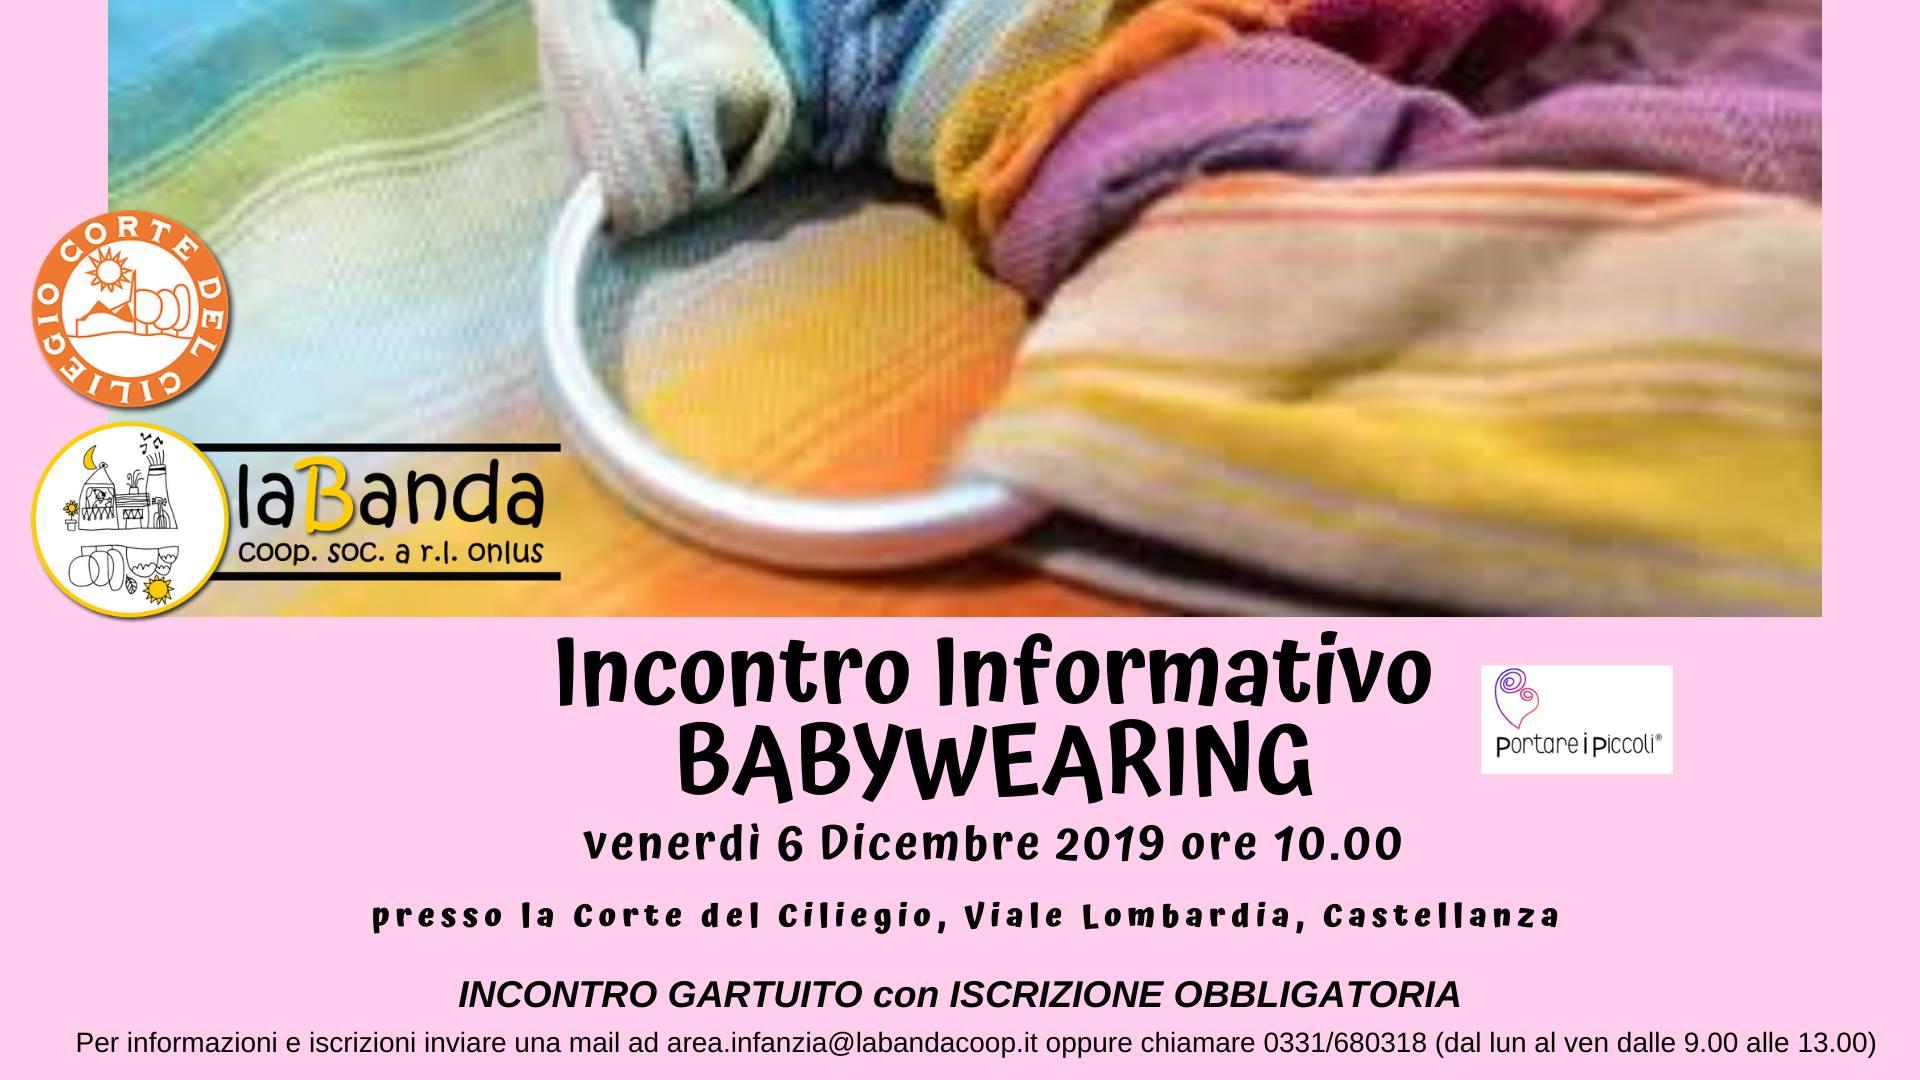 Venerdì 6 Dicembre – Incontro Informativo gratuito BABYWEARING presso la Corte del Ciliegio